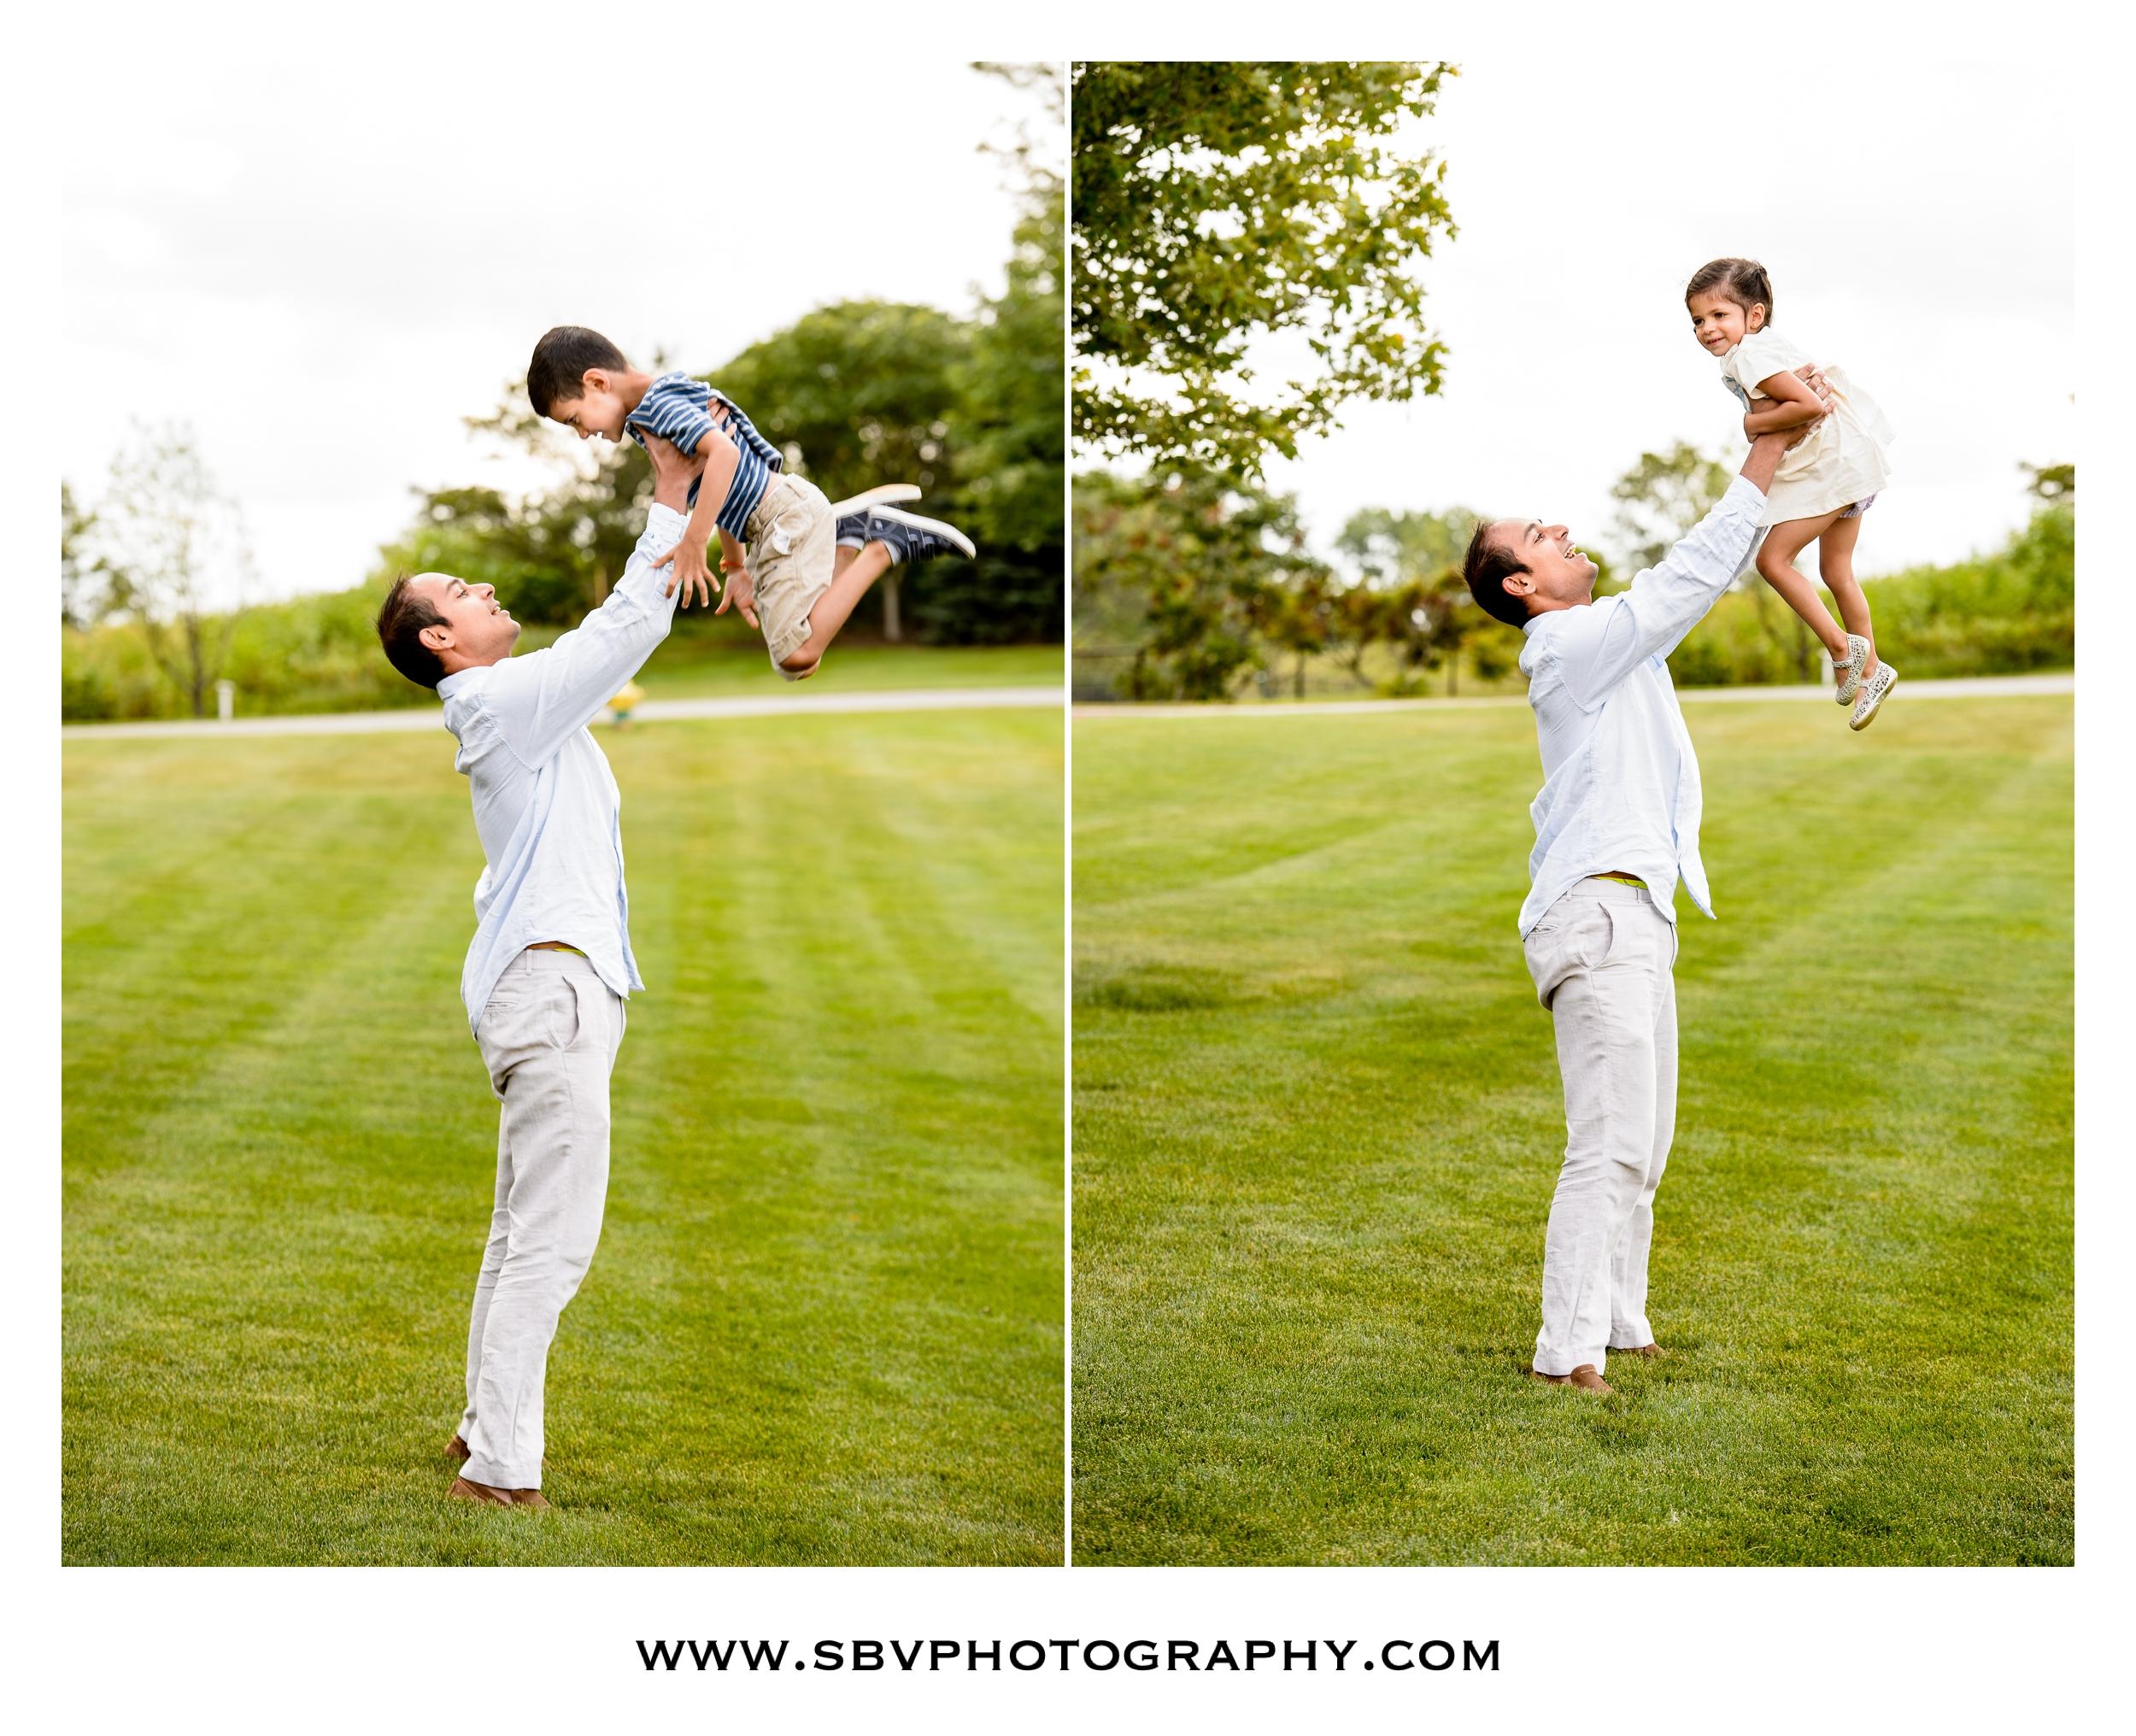 family fun-photos.jpg